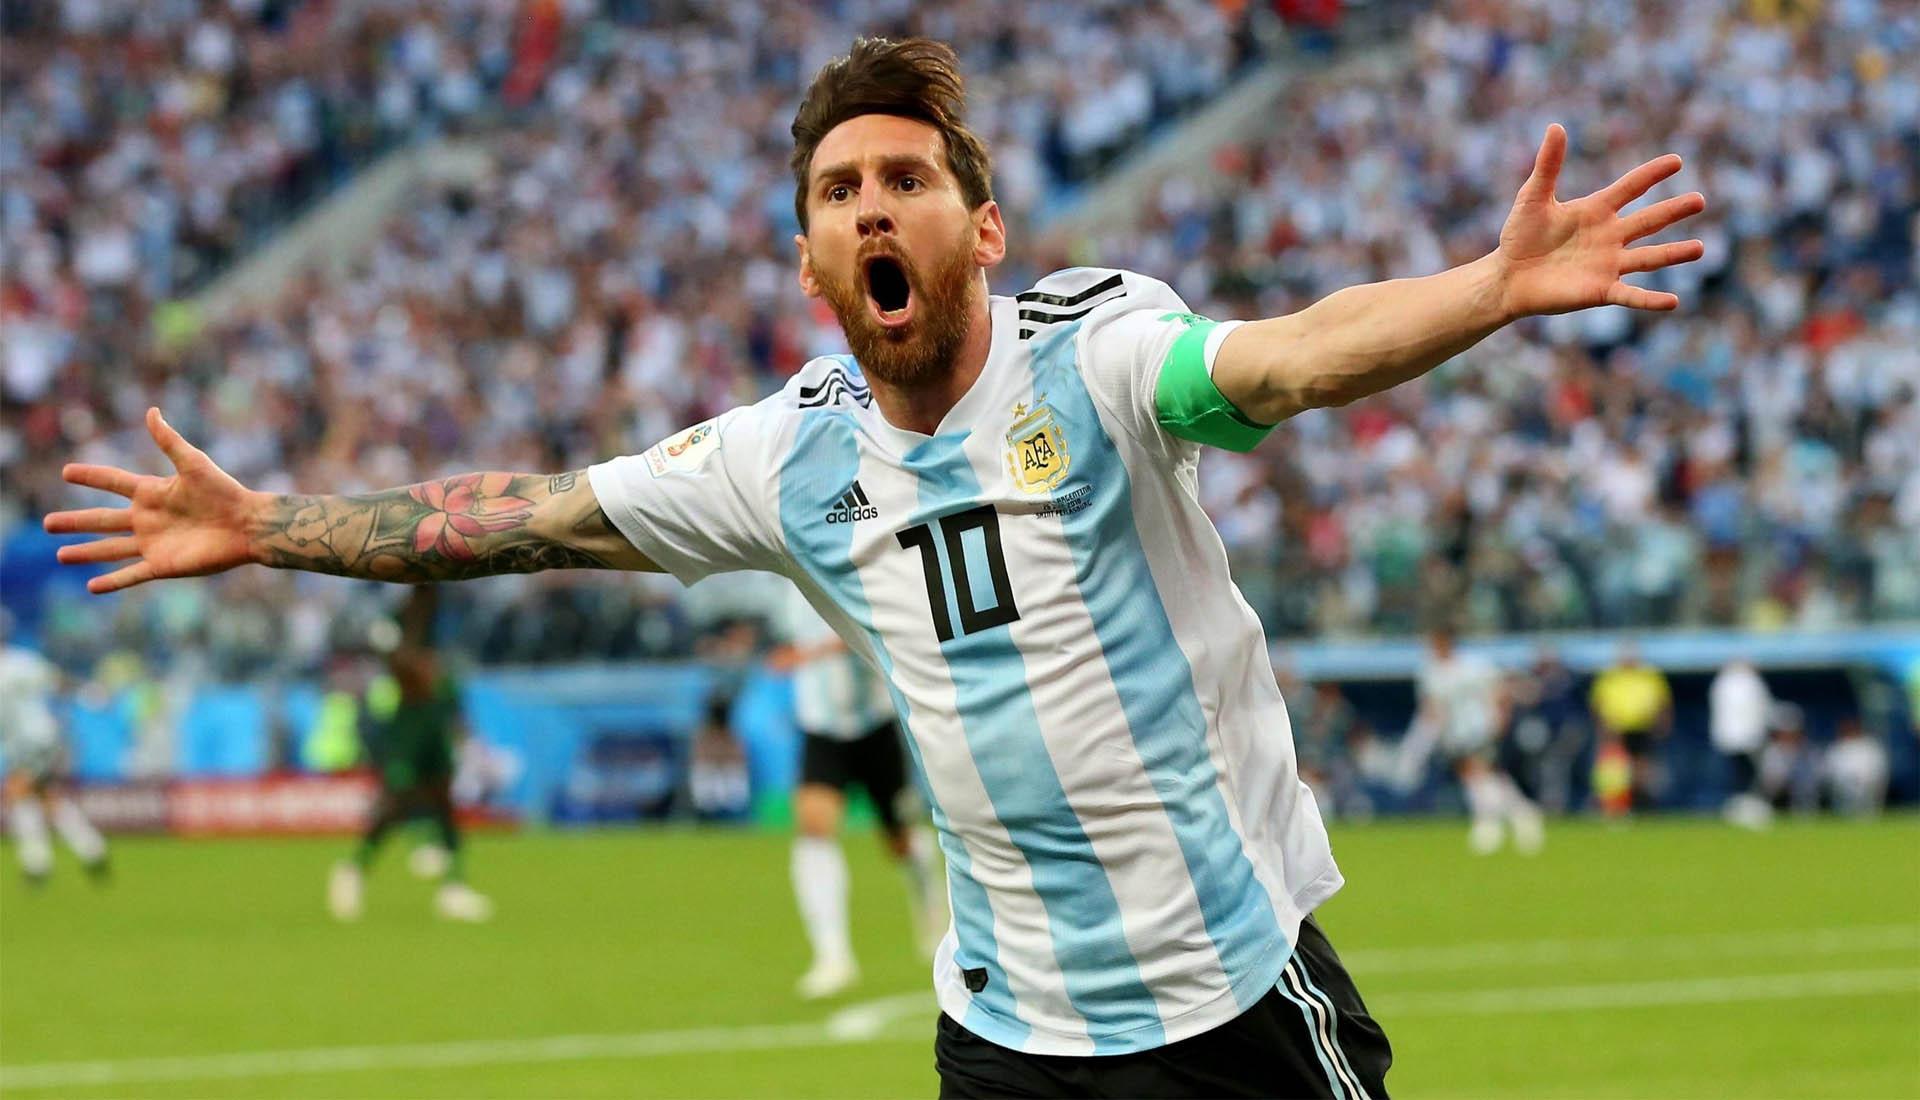 Messi đã sẽ là huyền thoại mới của bóng đá Argentina với những thành tính tuyệt vời